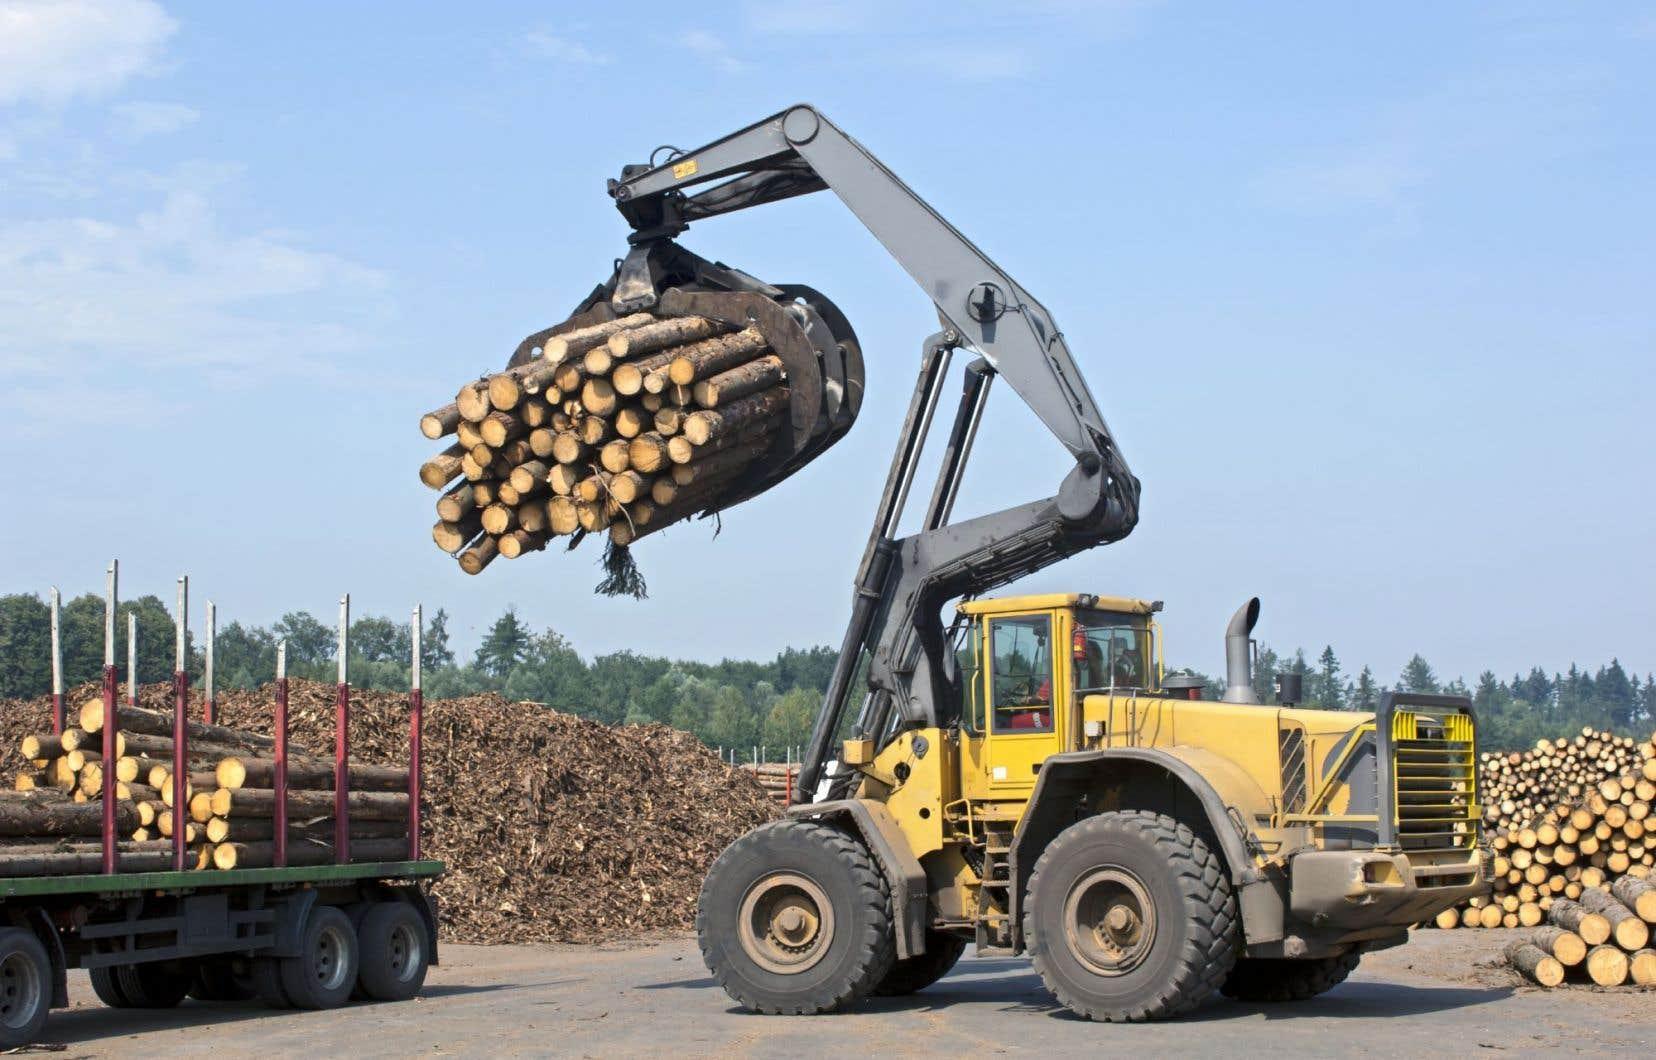 Alors que 90% du bois récolté au Canada provient de terres publiques, c'est le cas pour seulement 30% du bois aux États-Unis.